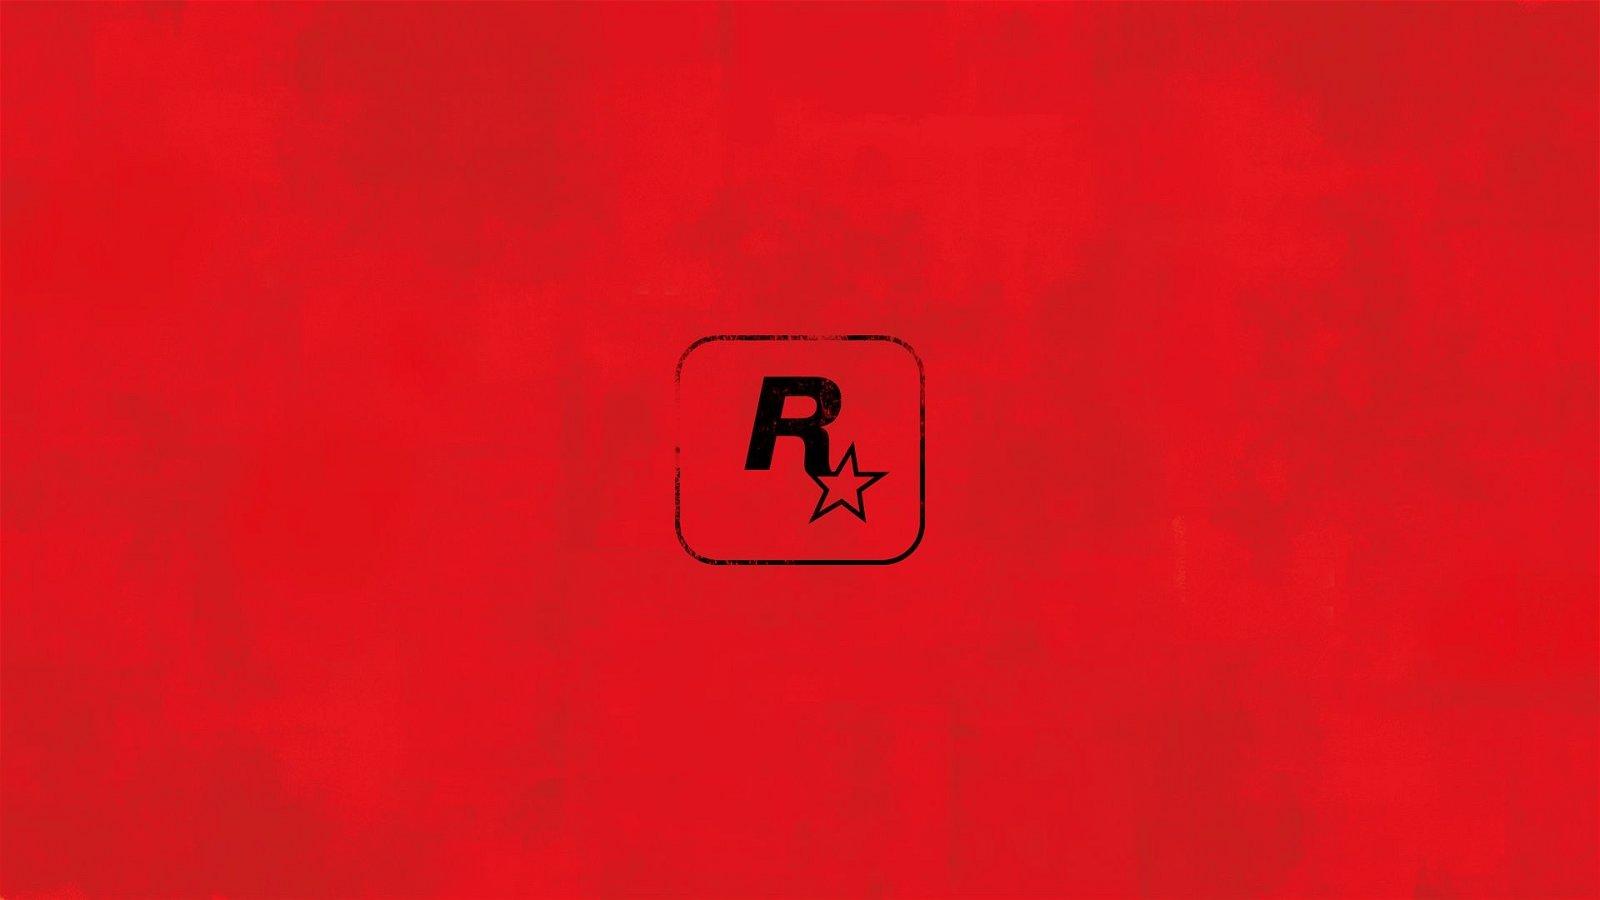 Red Dead Redemption podría publicar un tráiler el próximo jueves